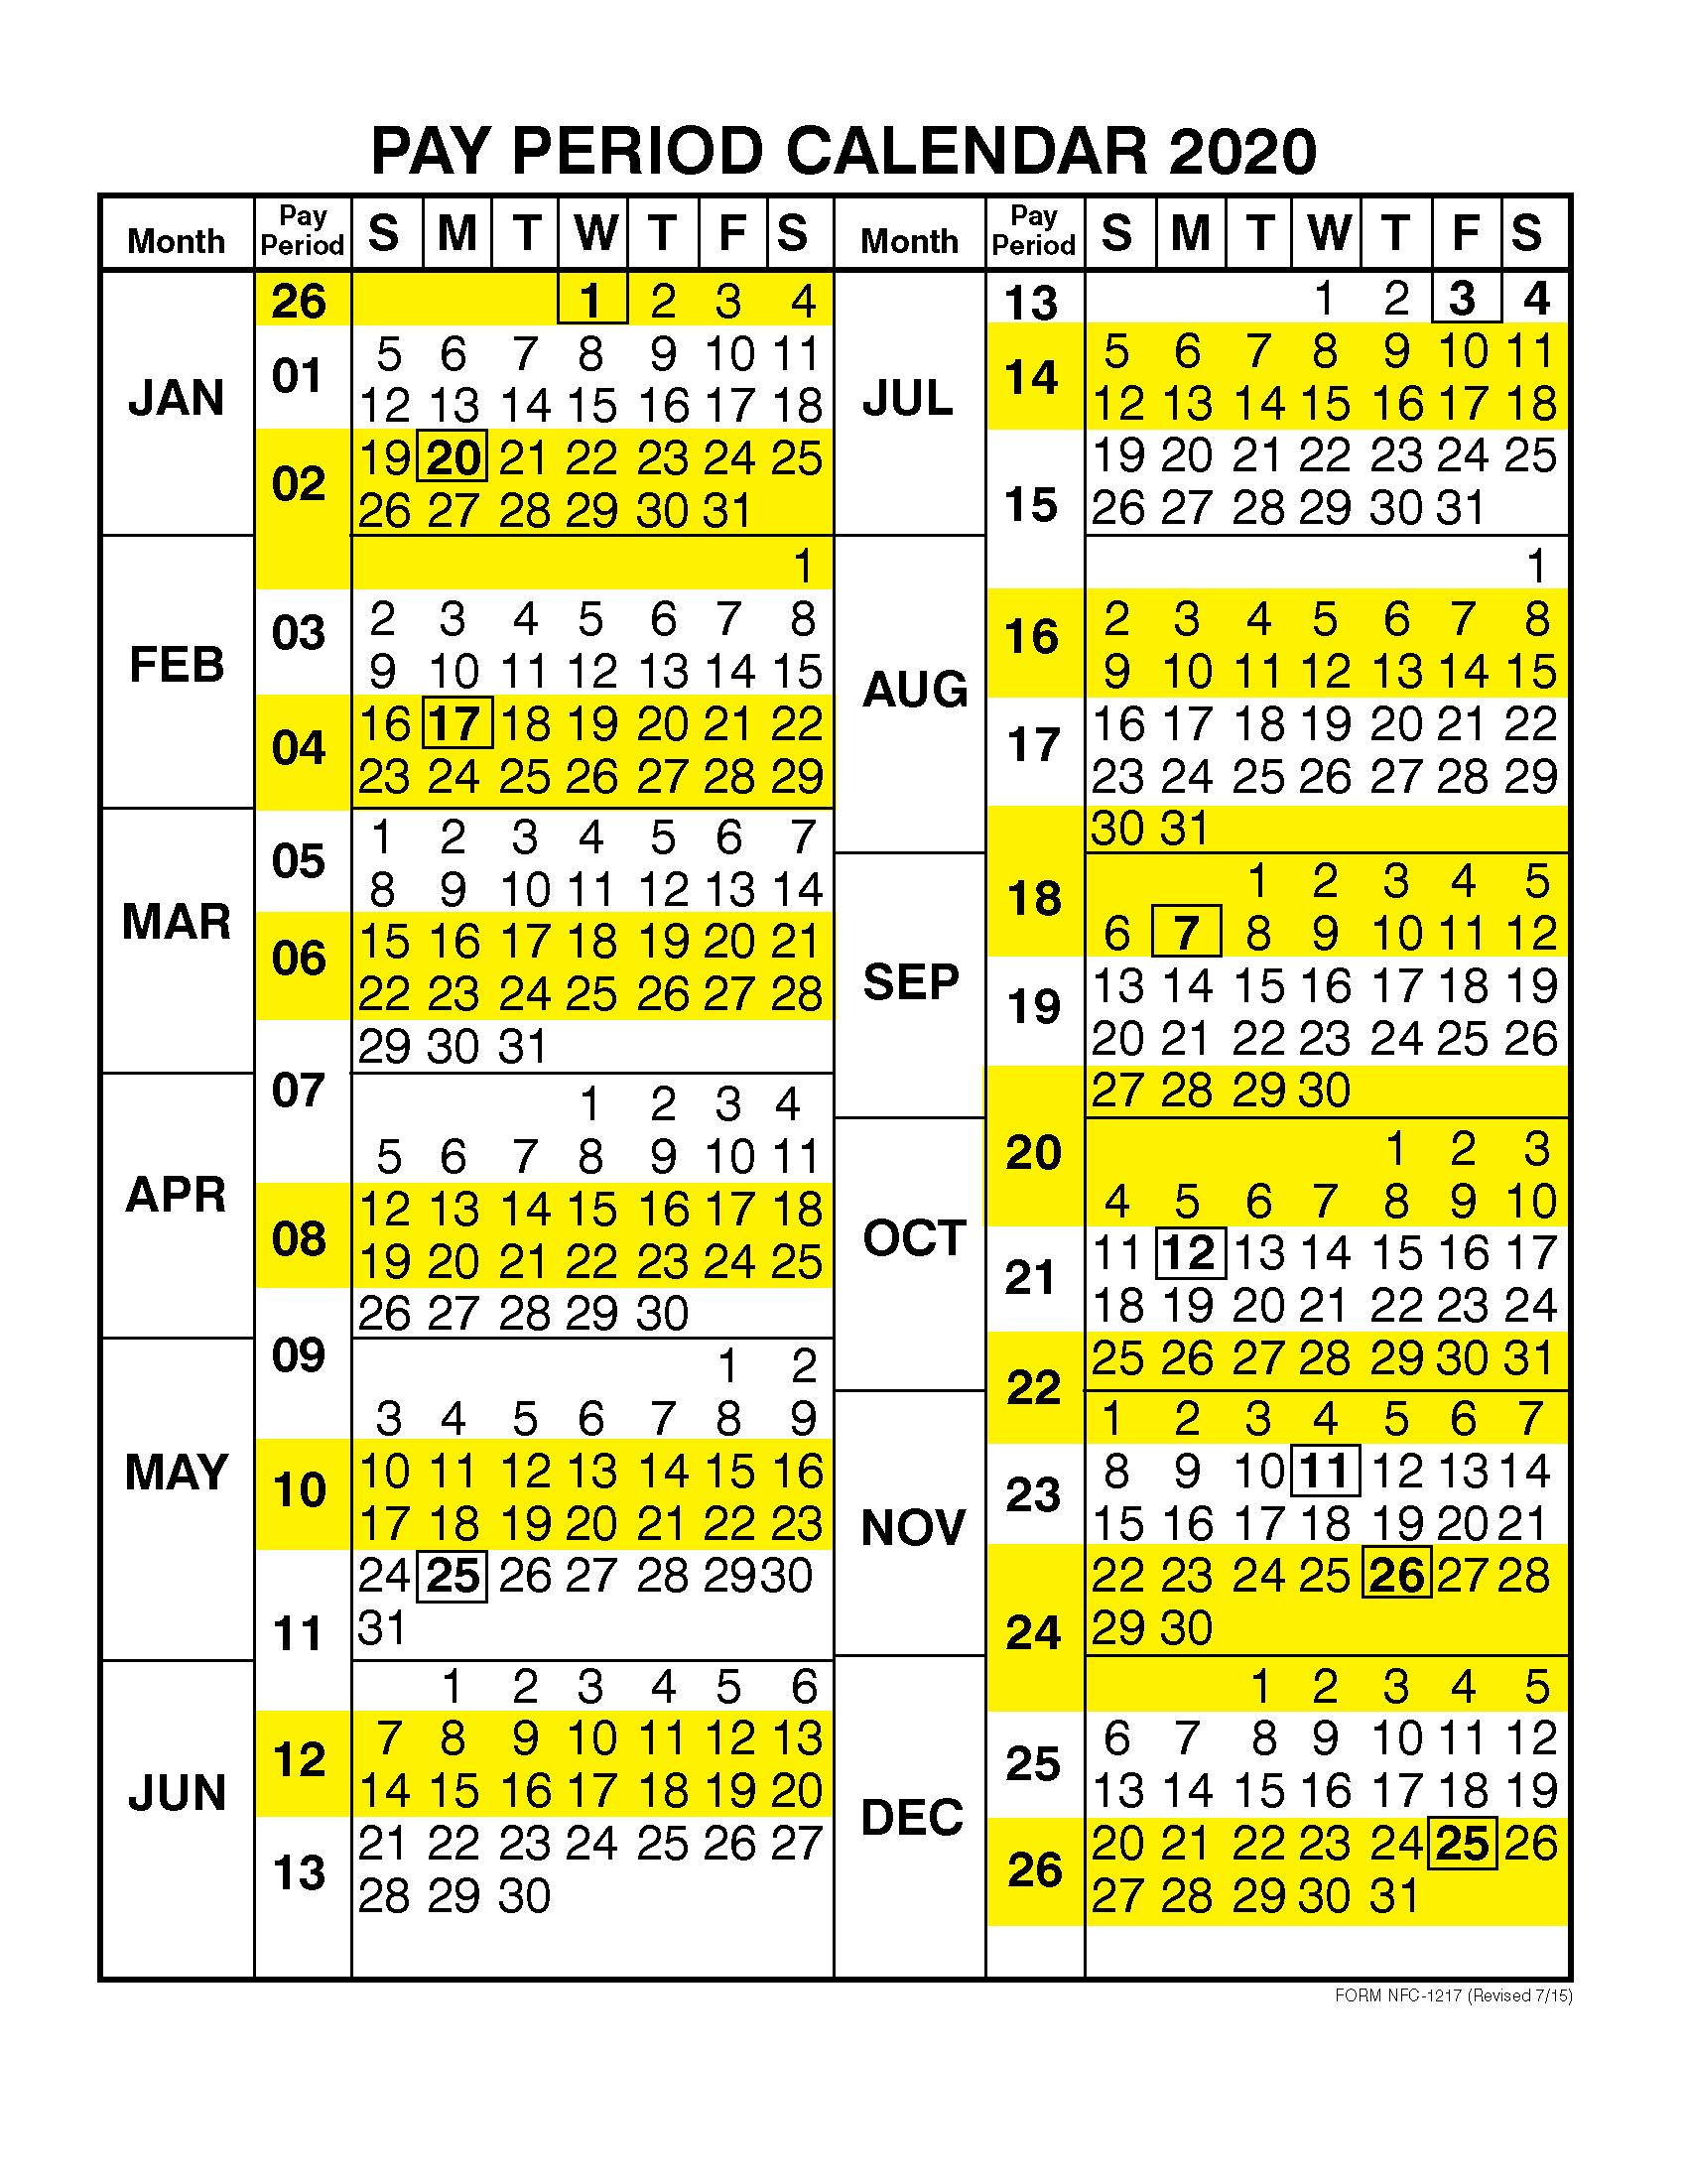 Csun Payroll Calendar 2021